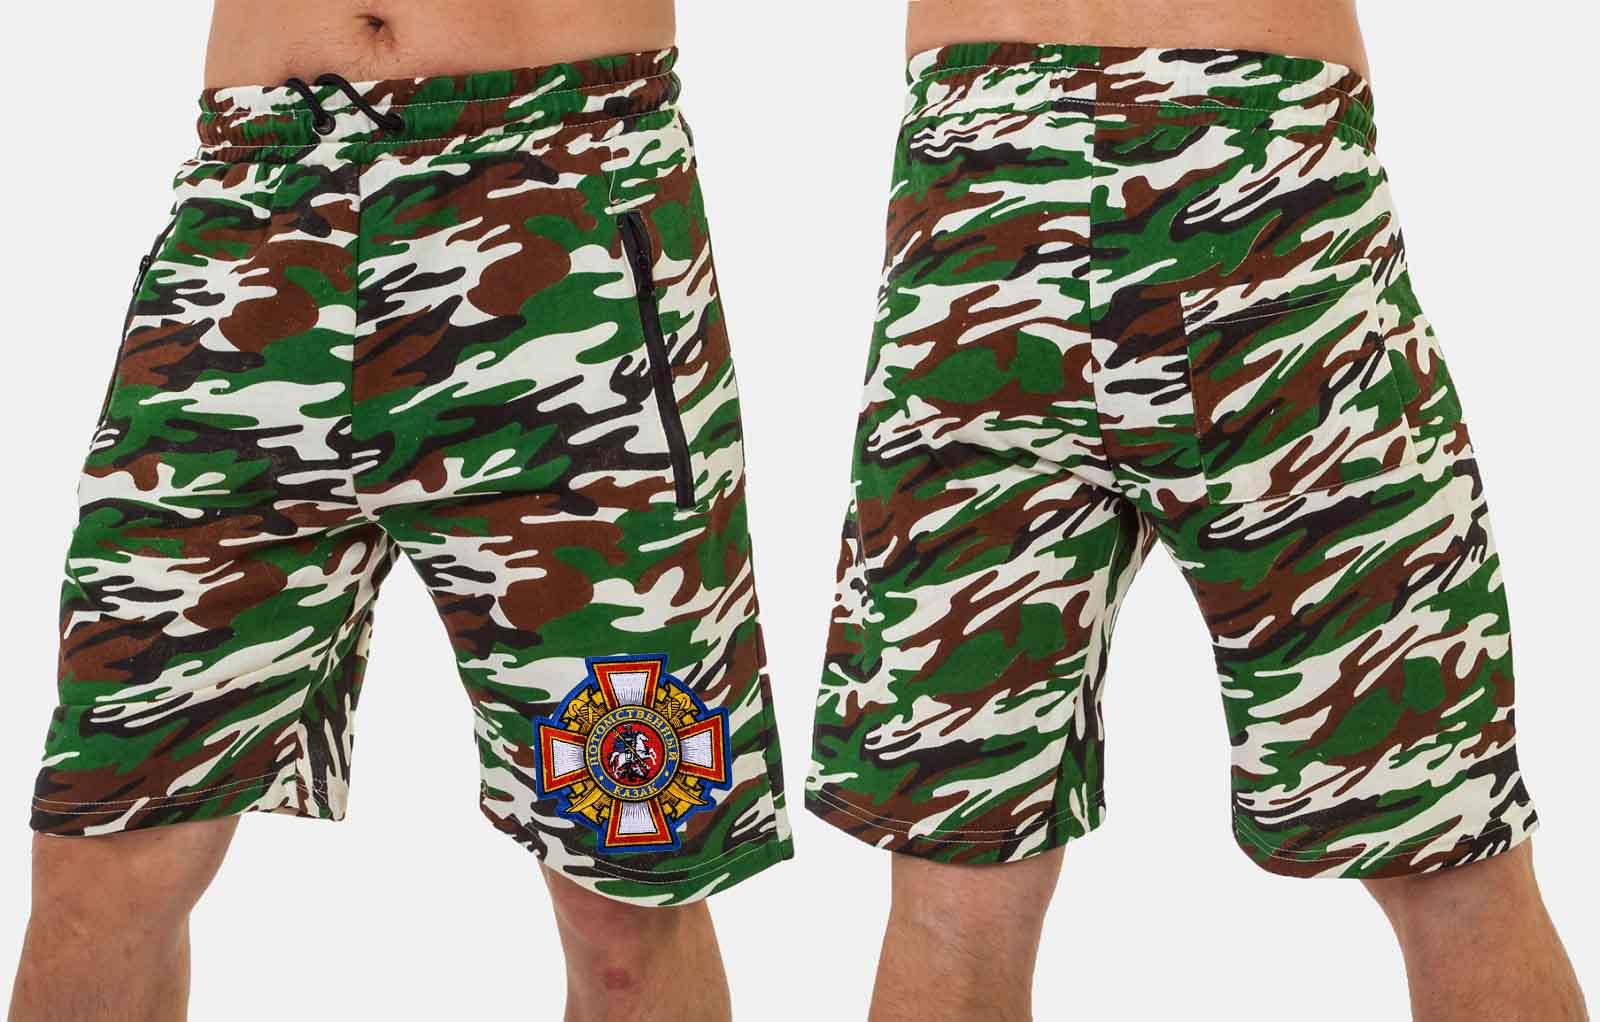 Камуфляжные мужские шорты с эмблемой Потомственный казак купить оптом